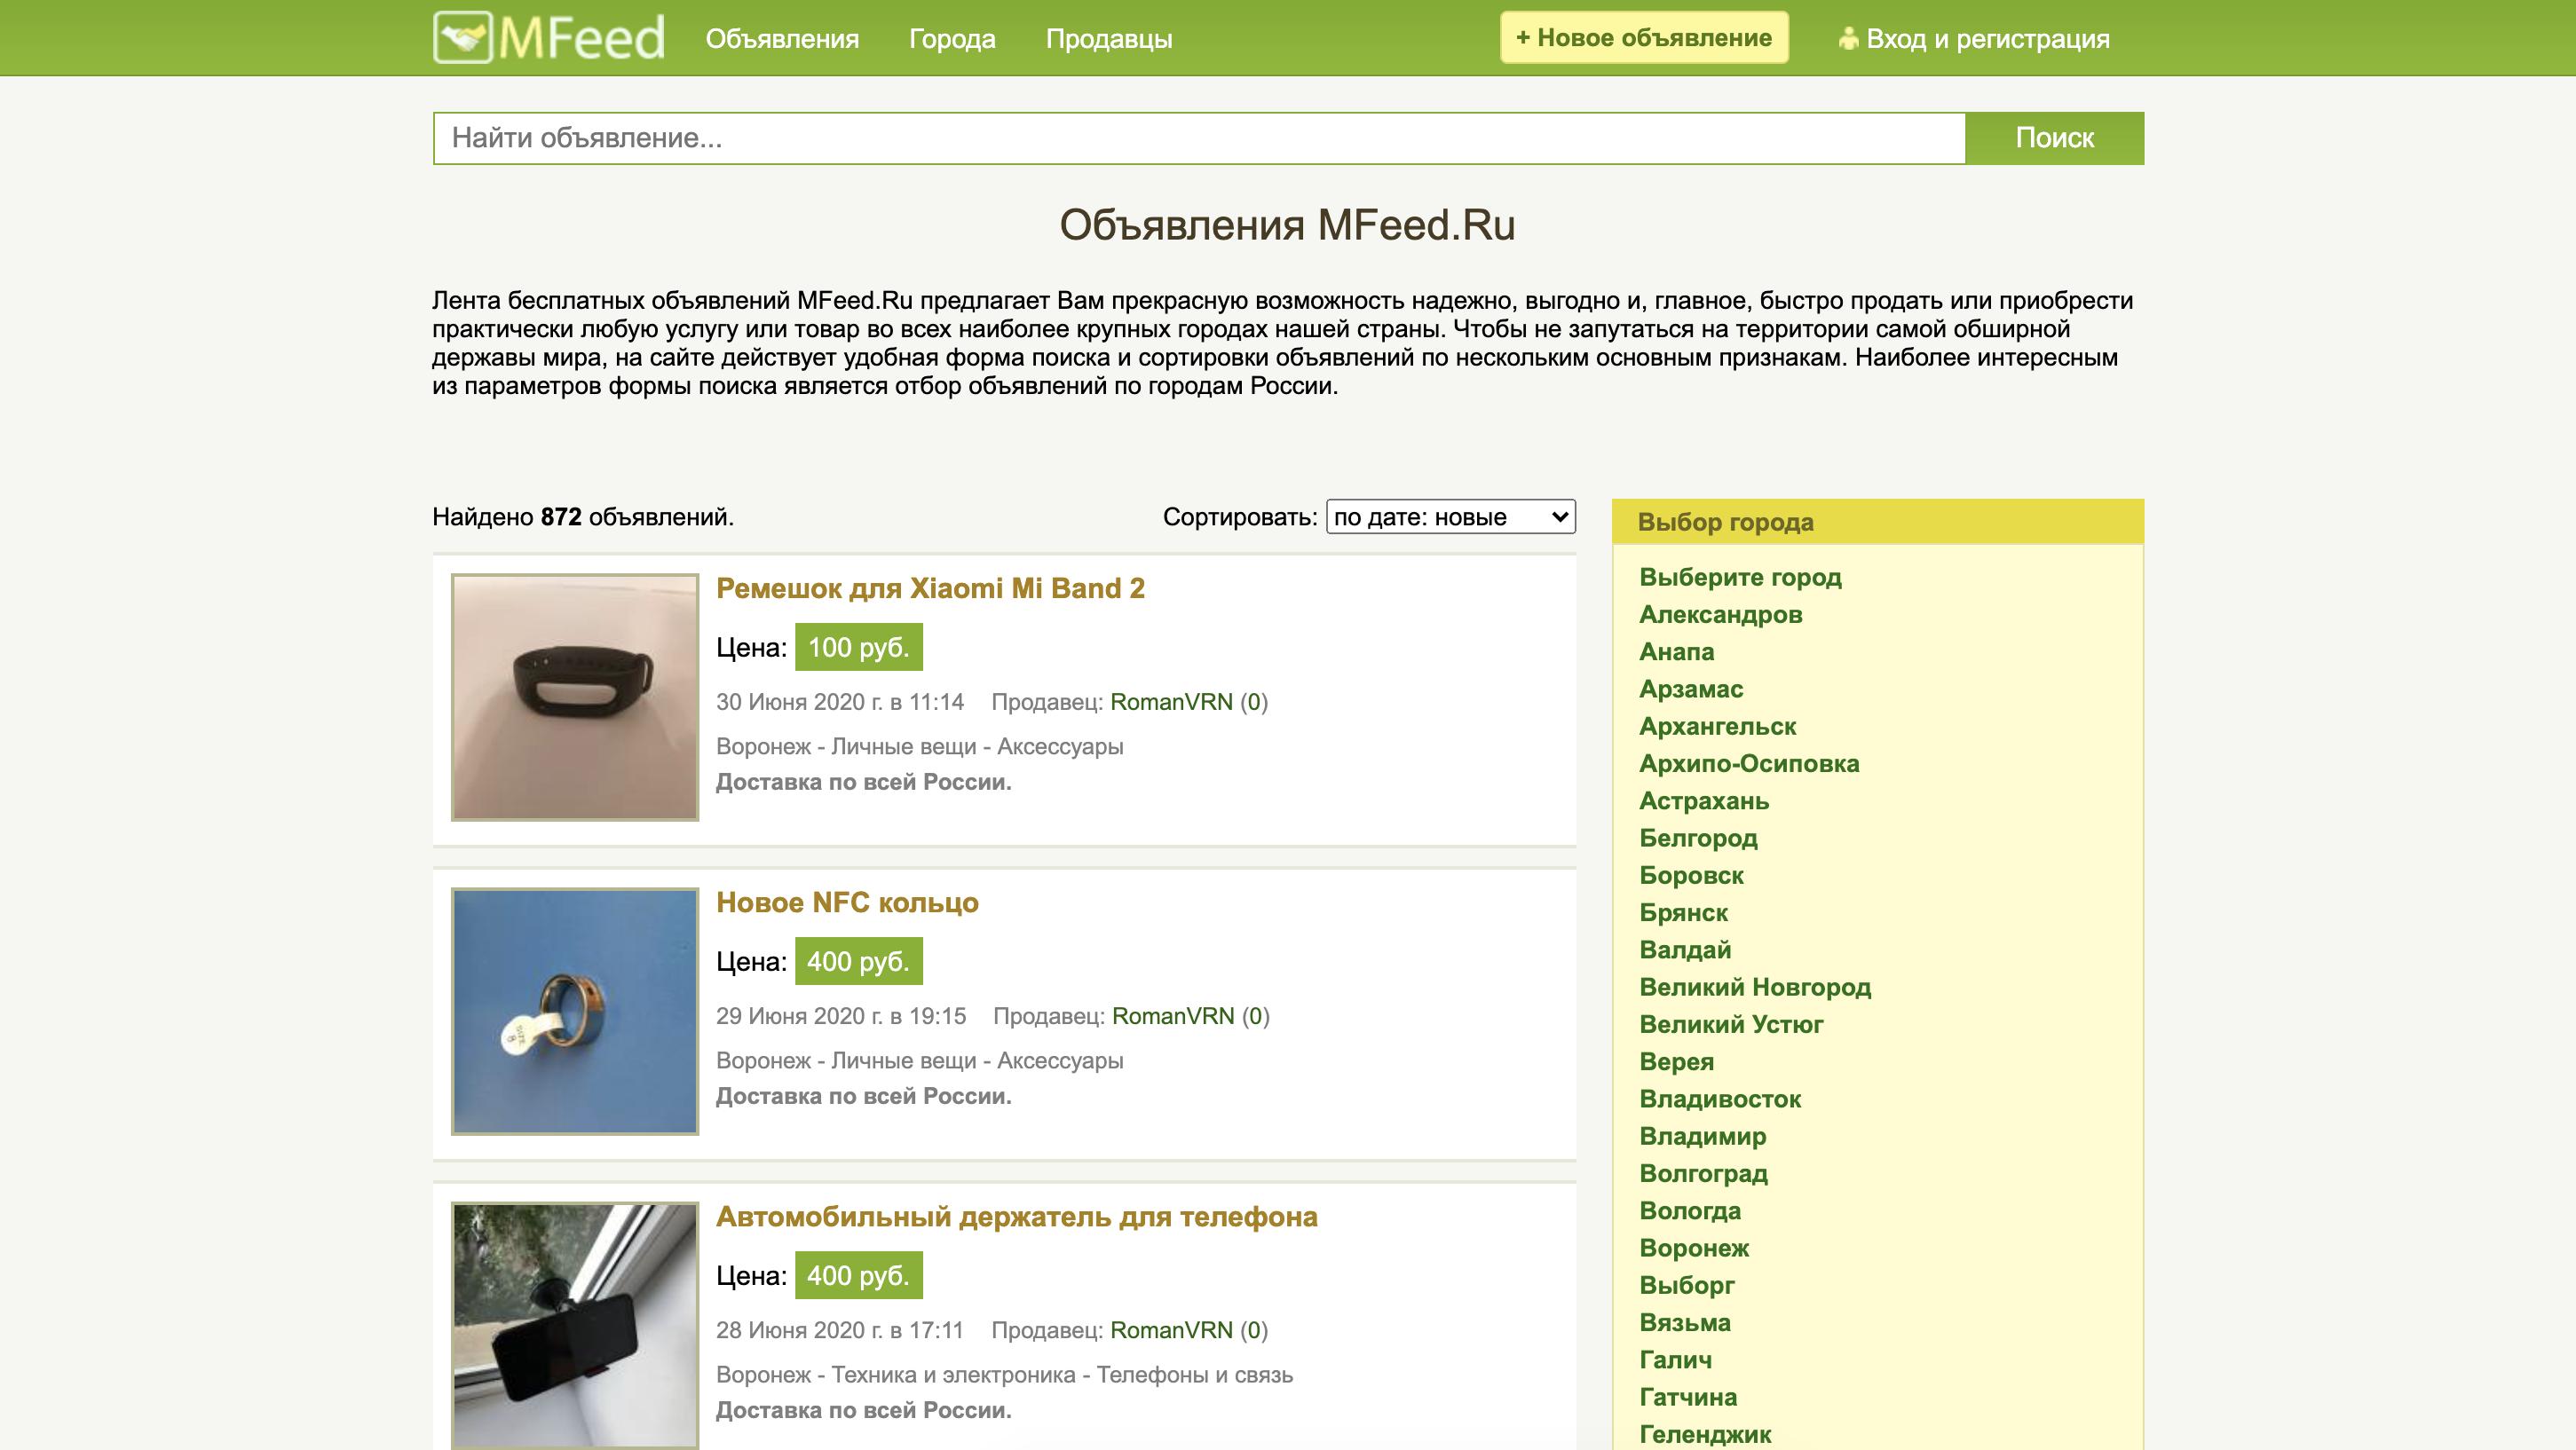 Дизайн для сайта бесплатной ленты объявлений MFeed